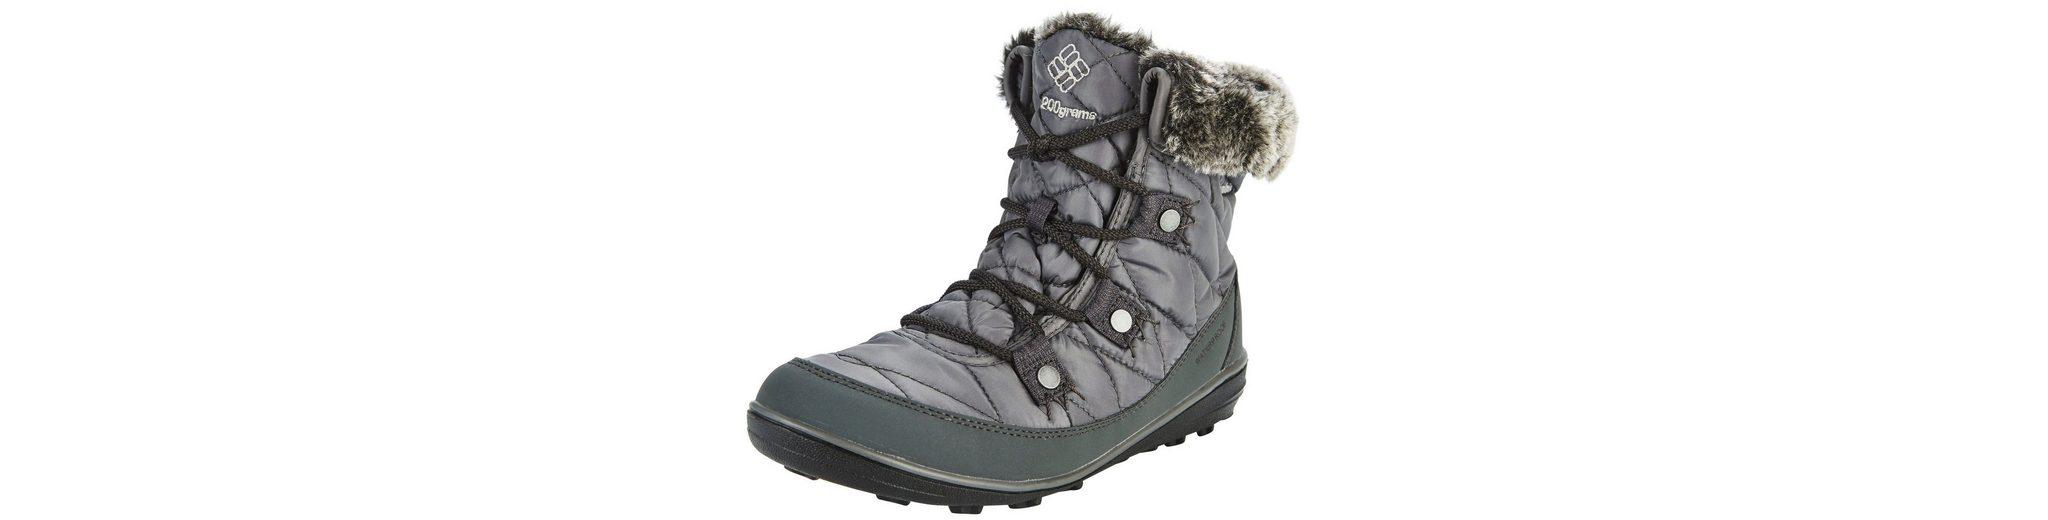 Columbia Kletterschuh Heavenly Shorty Shoes Women Omni-HEAT Manchester Großer Verkauf Zum Verkauf pqmTEc